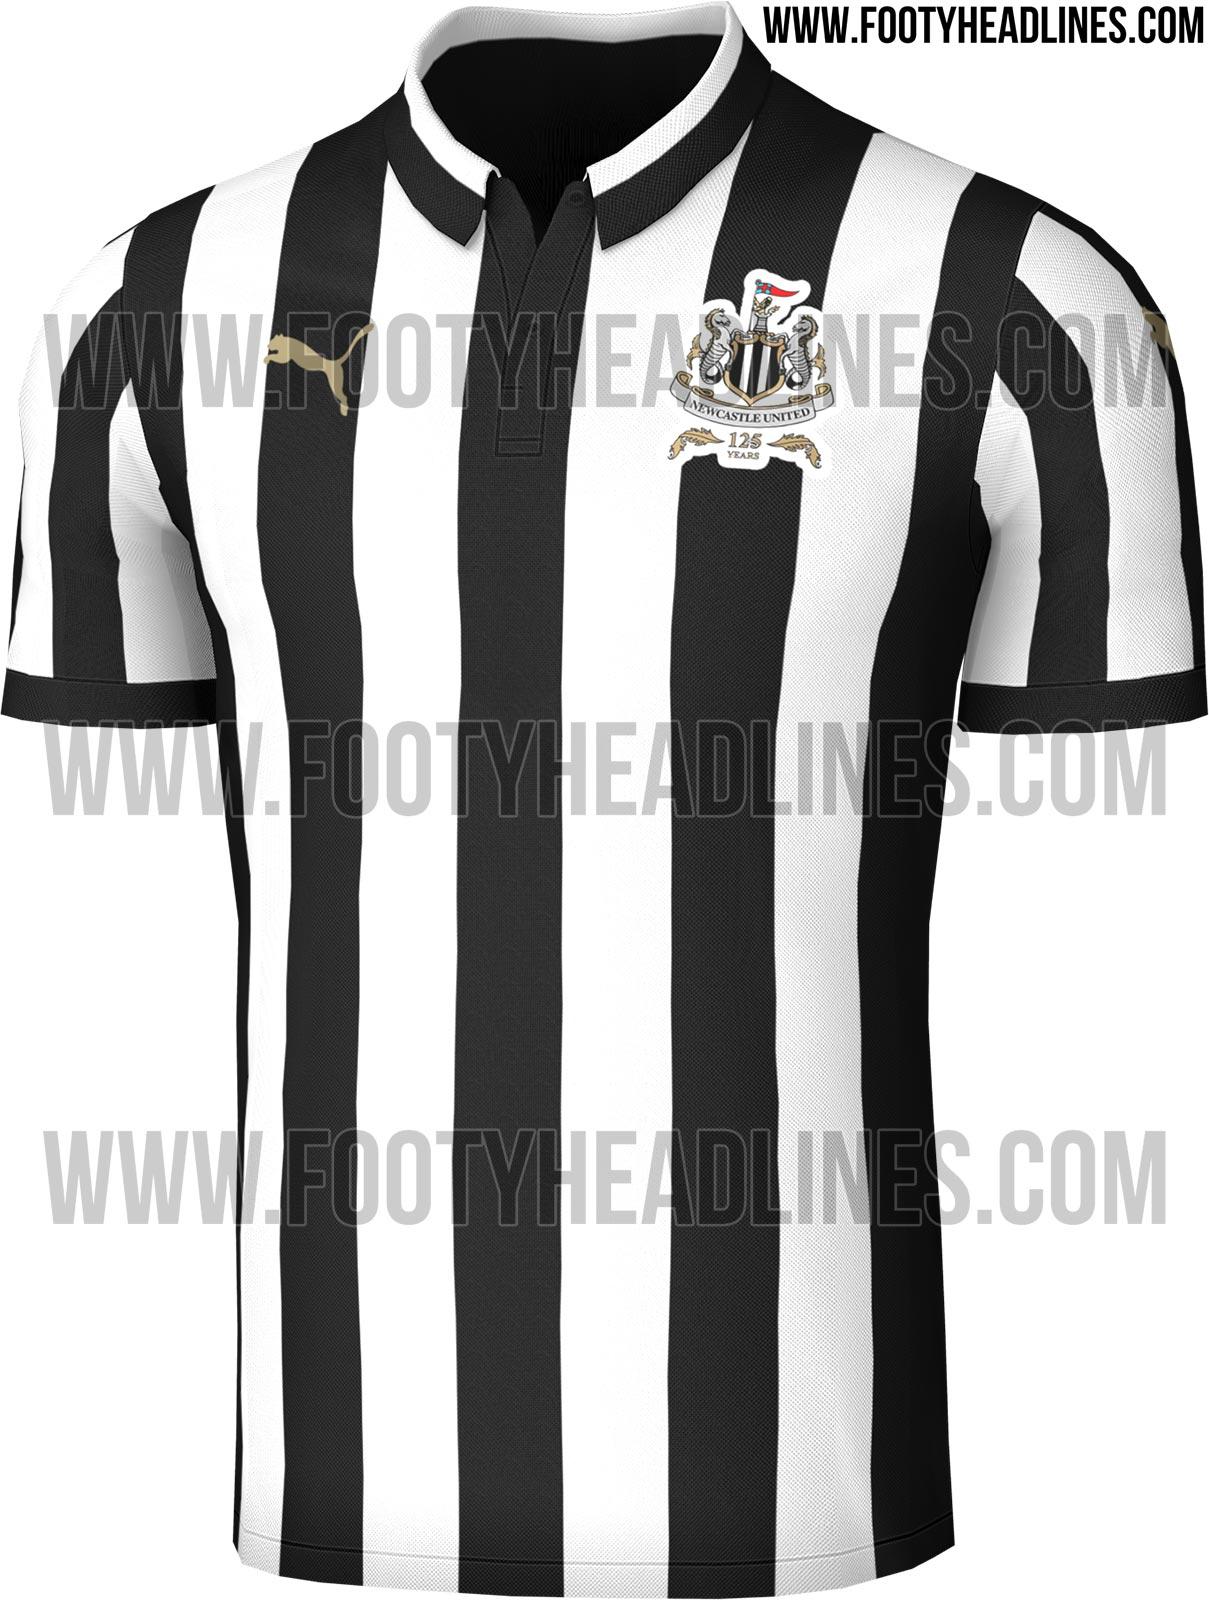 newcastle-united-17-18-home-kit-2.jpg